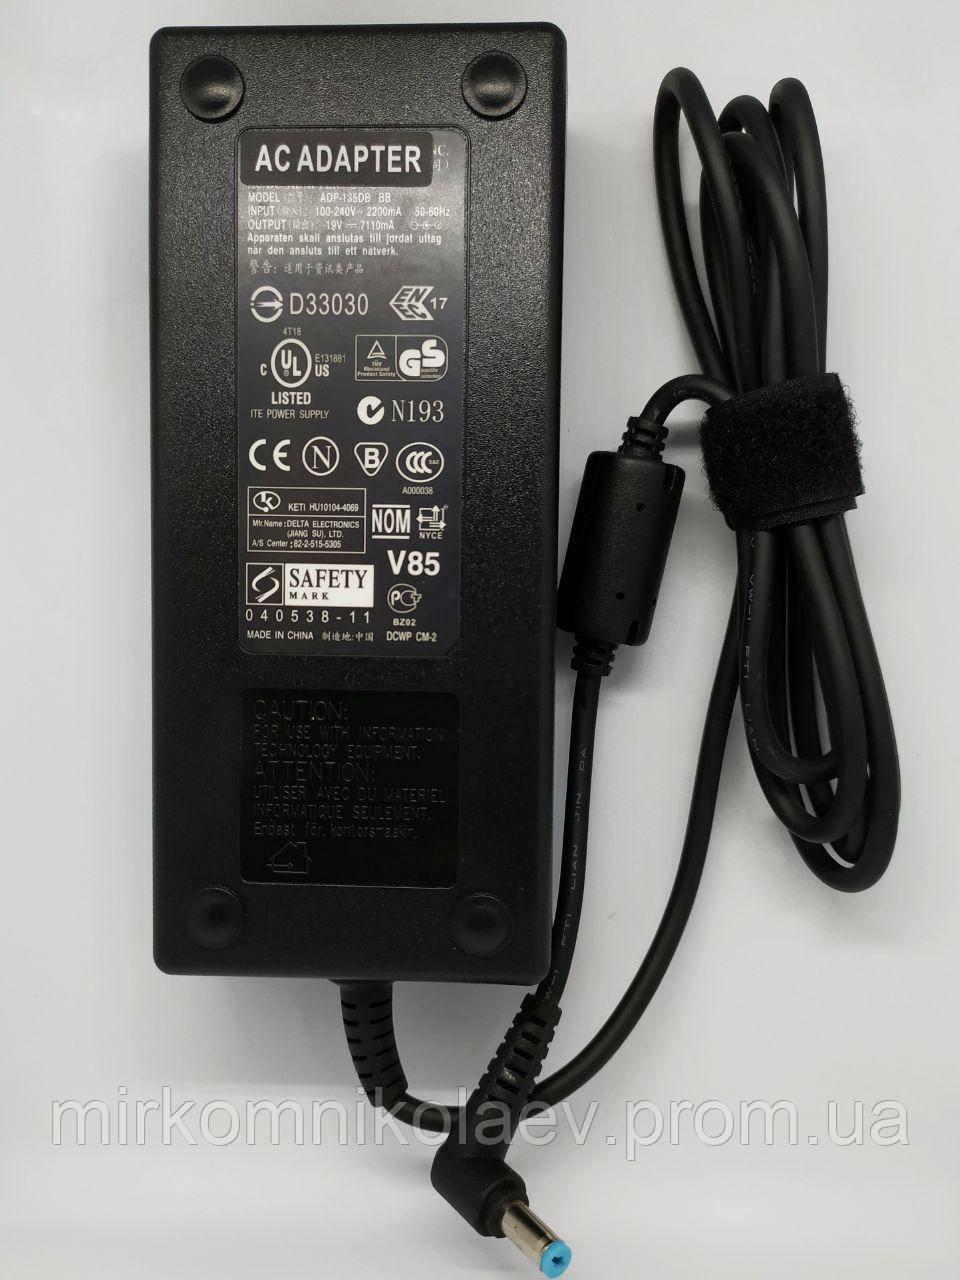 Блок питания для ноутбука Acer 19V 7.1A 135W (DC 5.5*1.7)